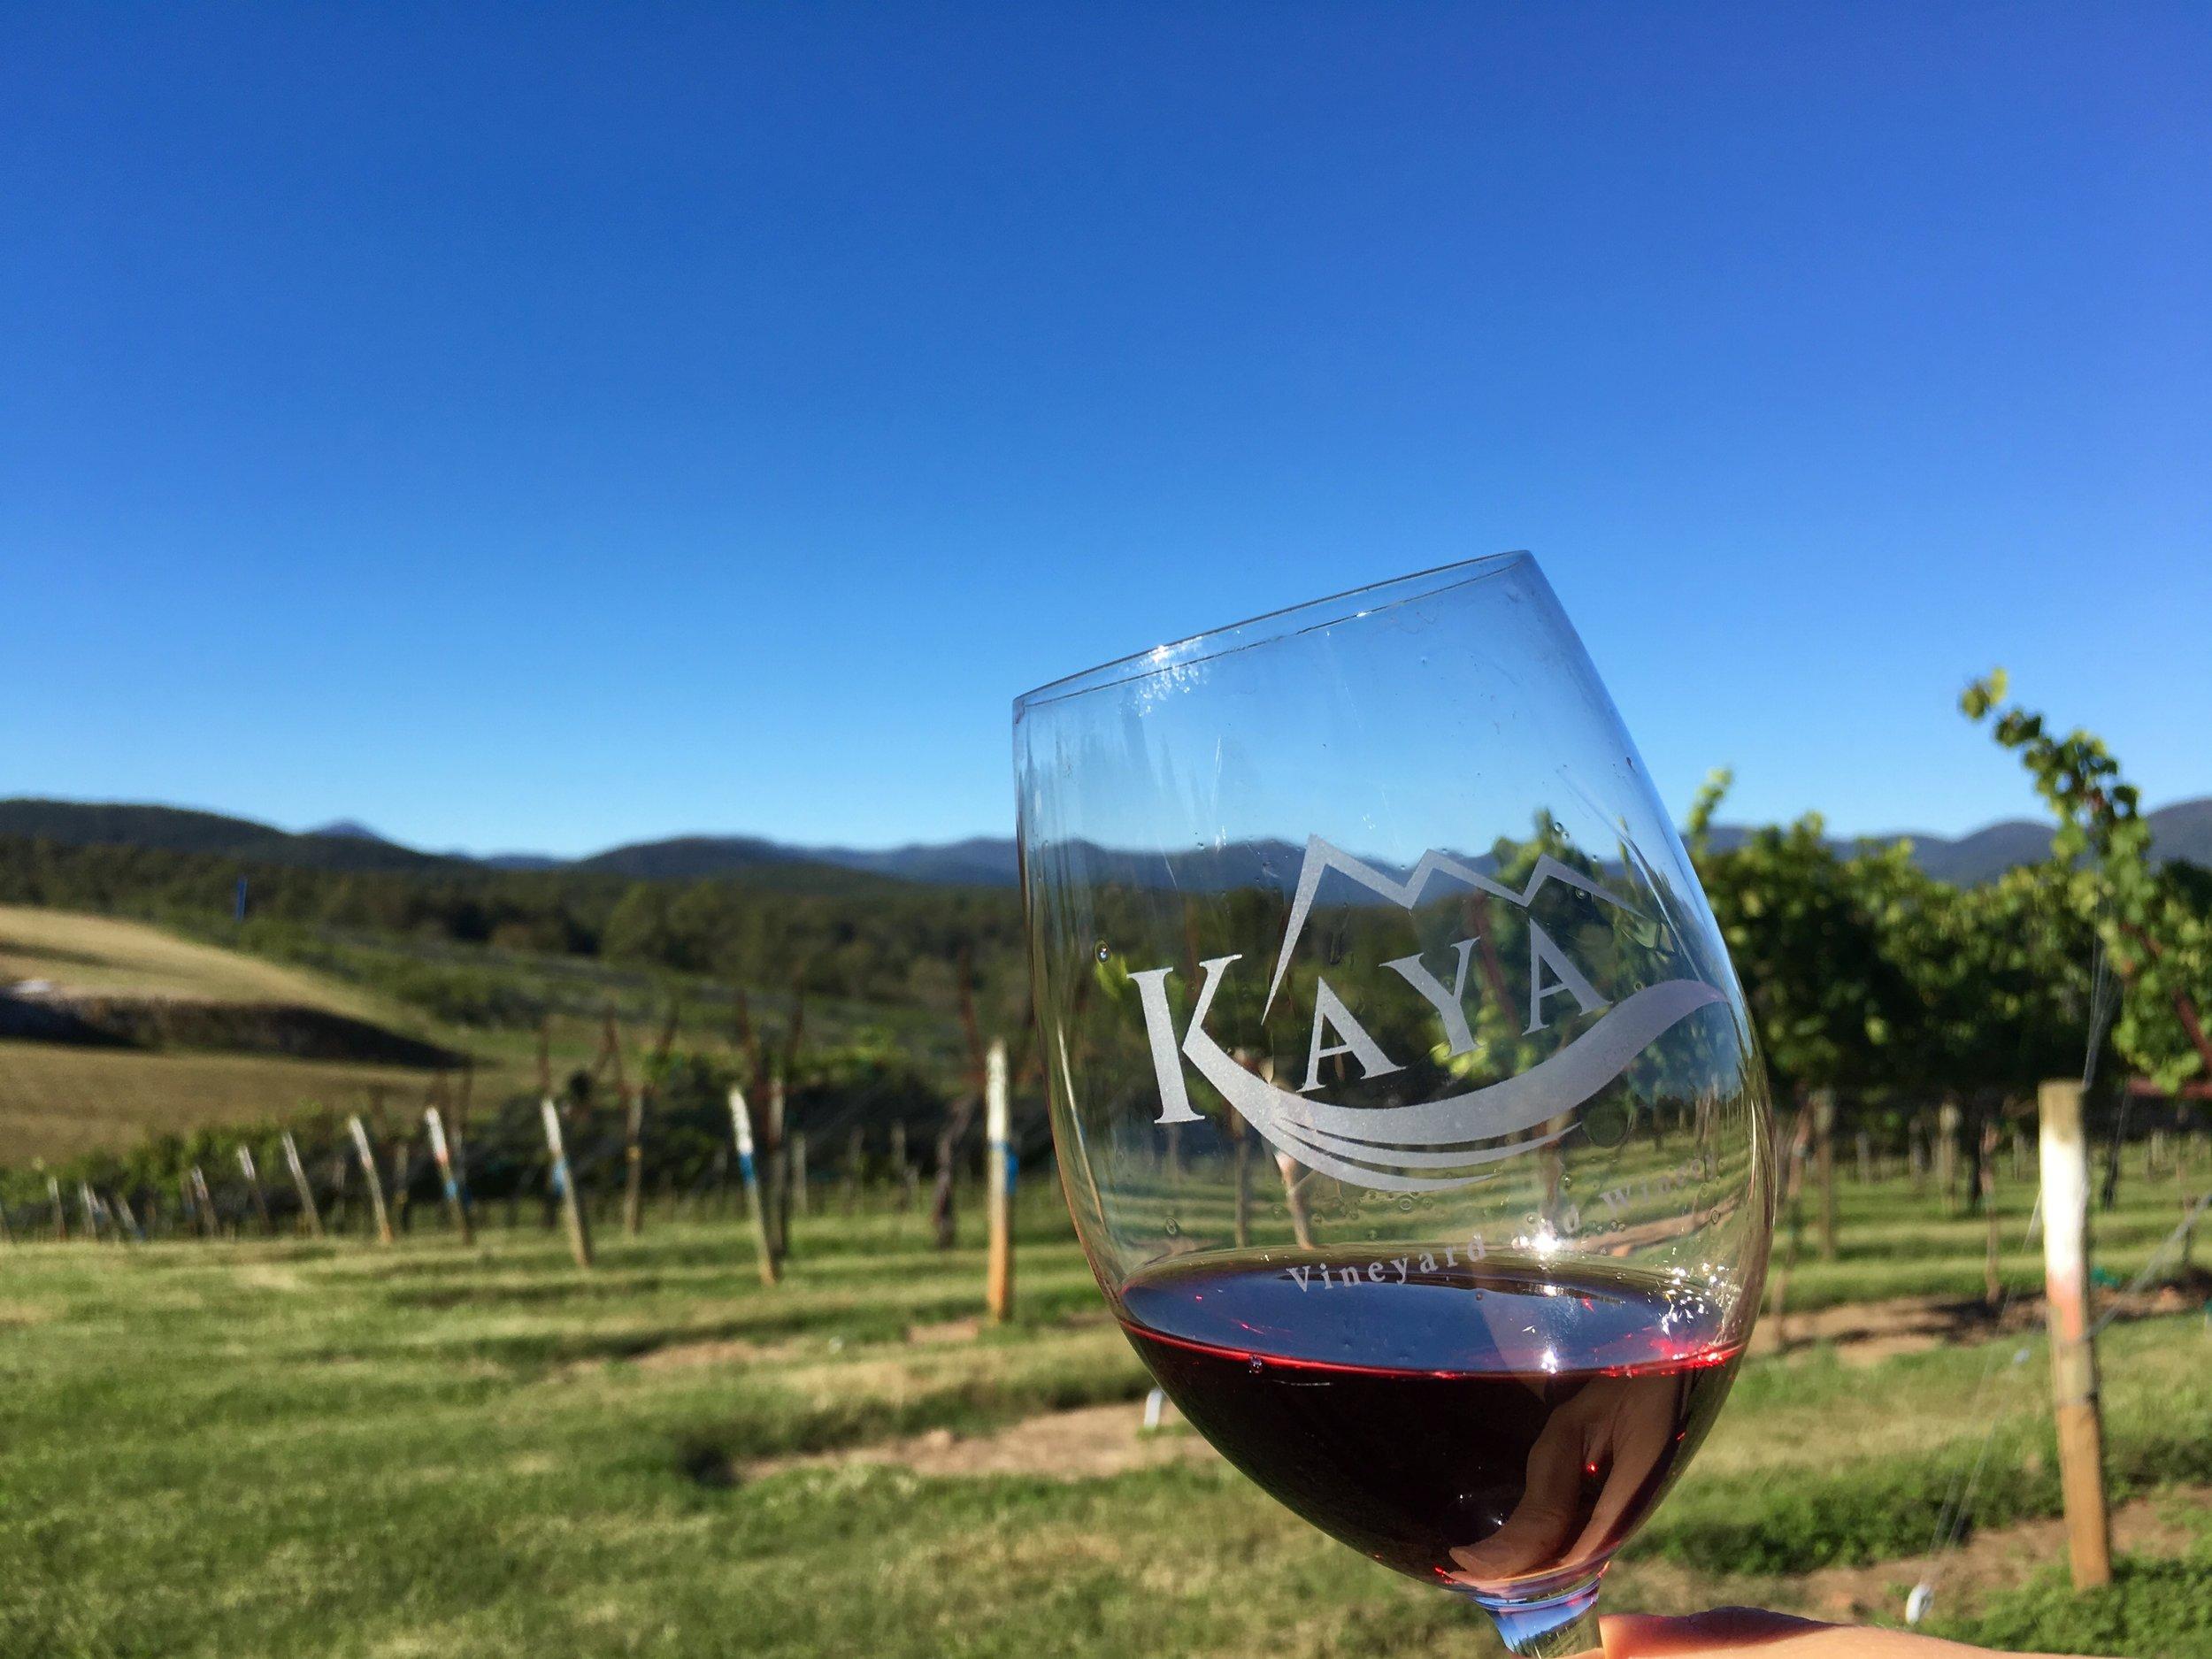 3. Kaya Vineyard and Winery